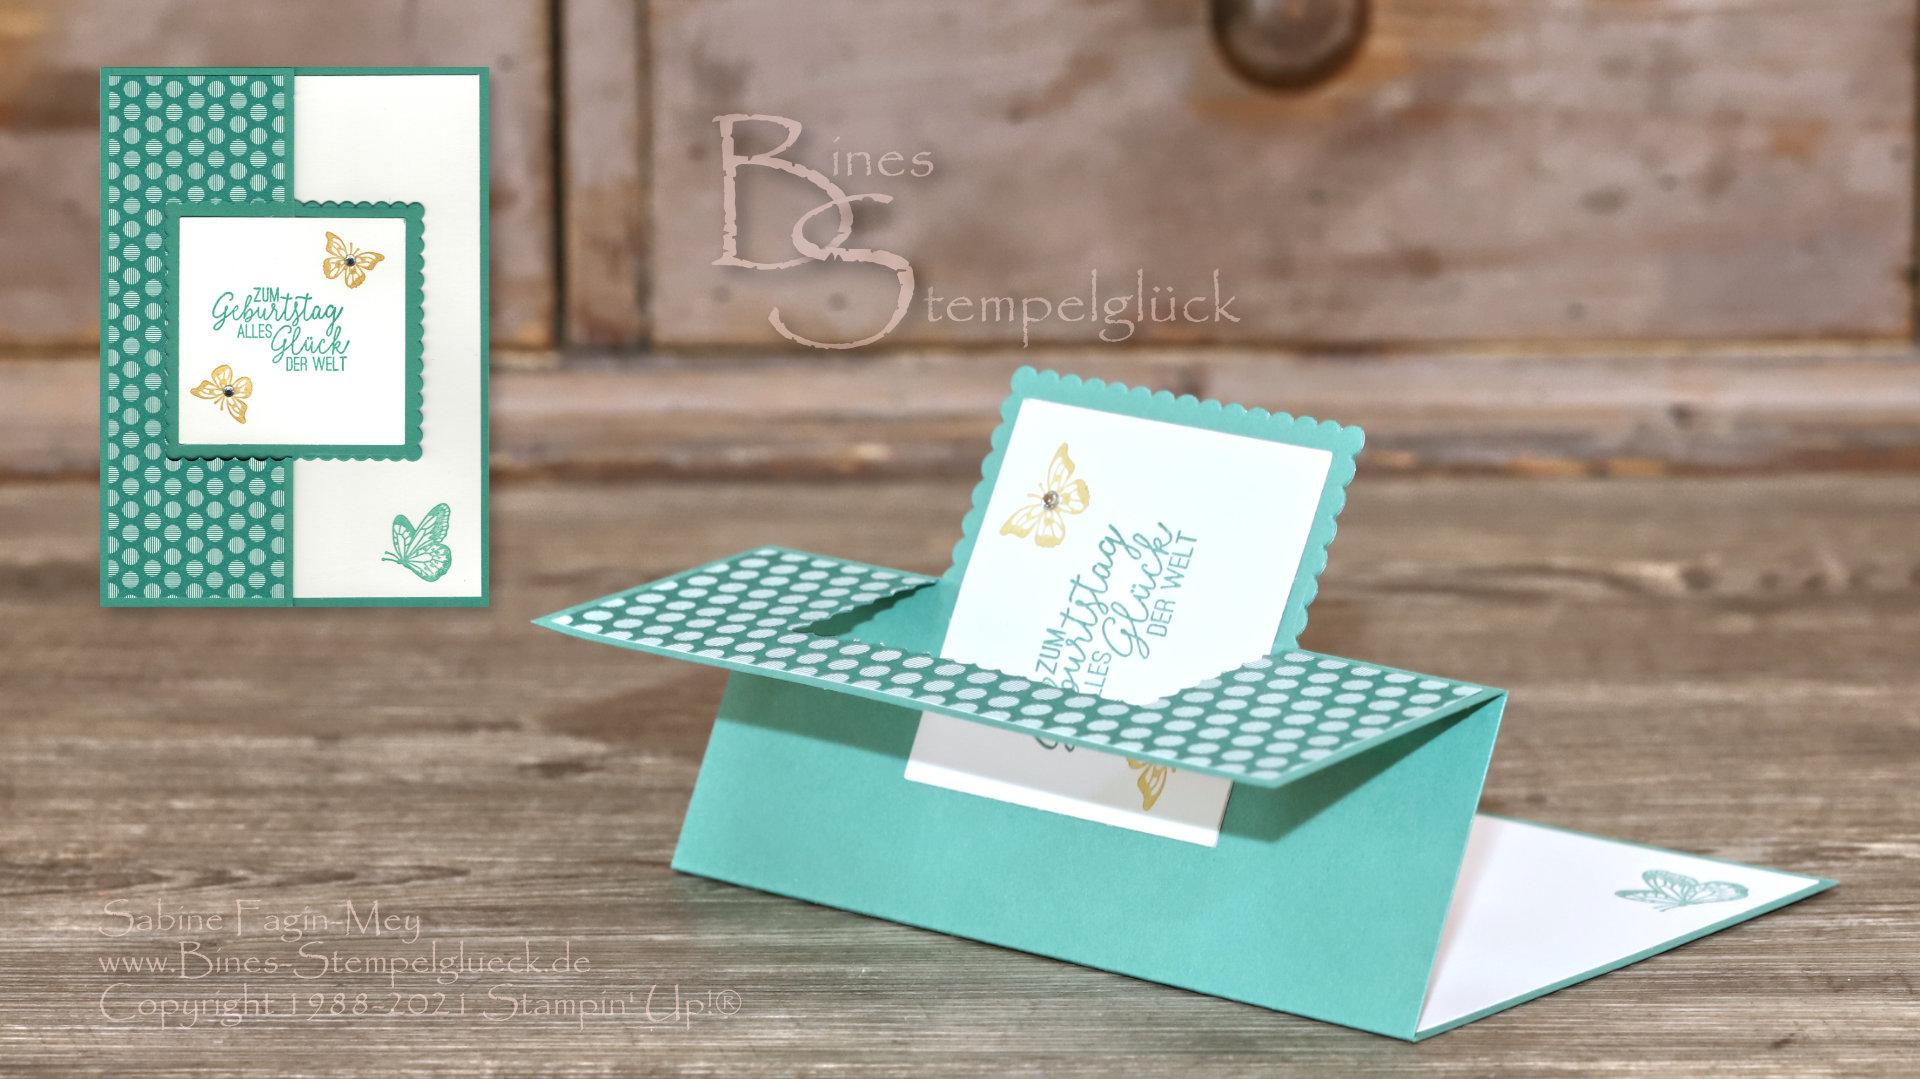 Swing Flip Karte zum Geburtstag mit Stampin' Up!